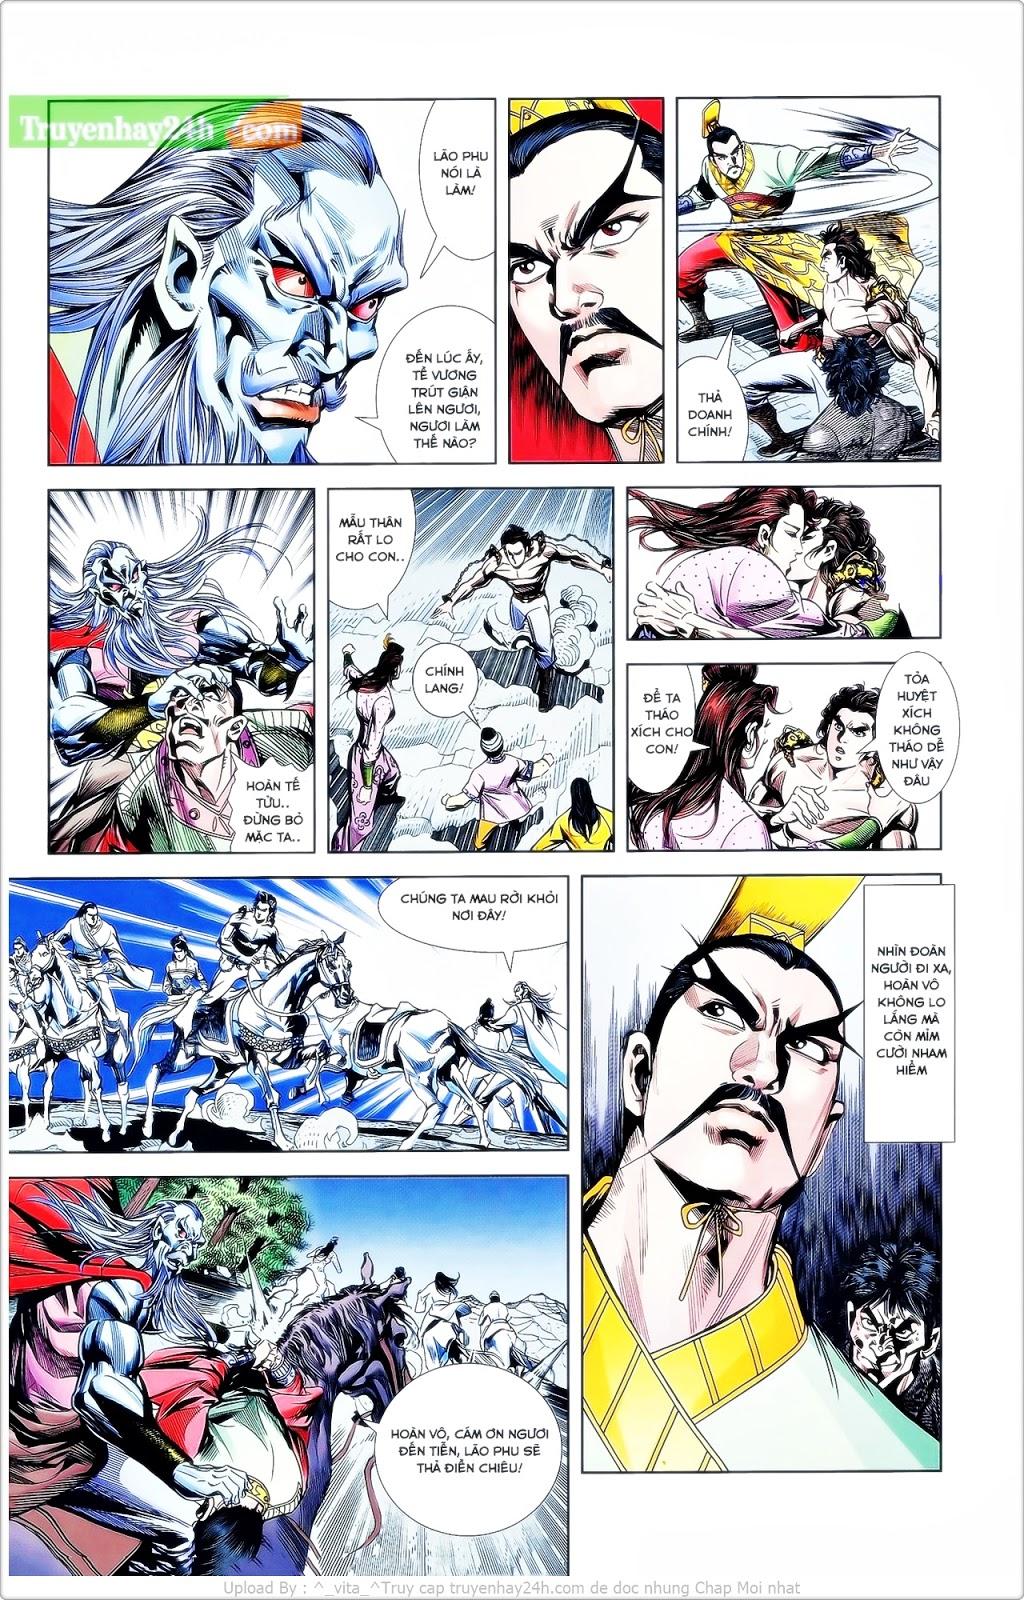 Tần Vương Doanh Chính chapter 26 trang 26